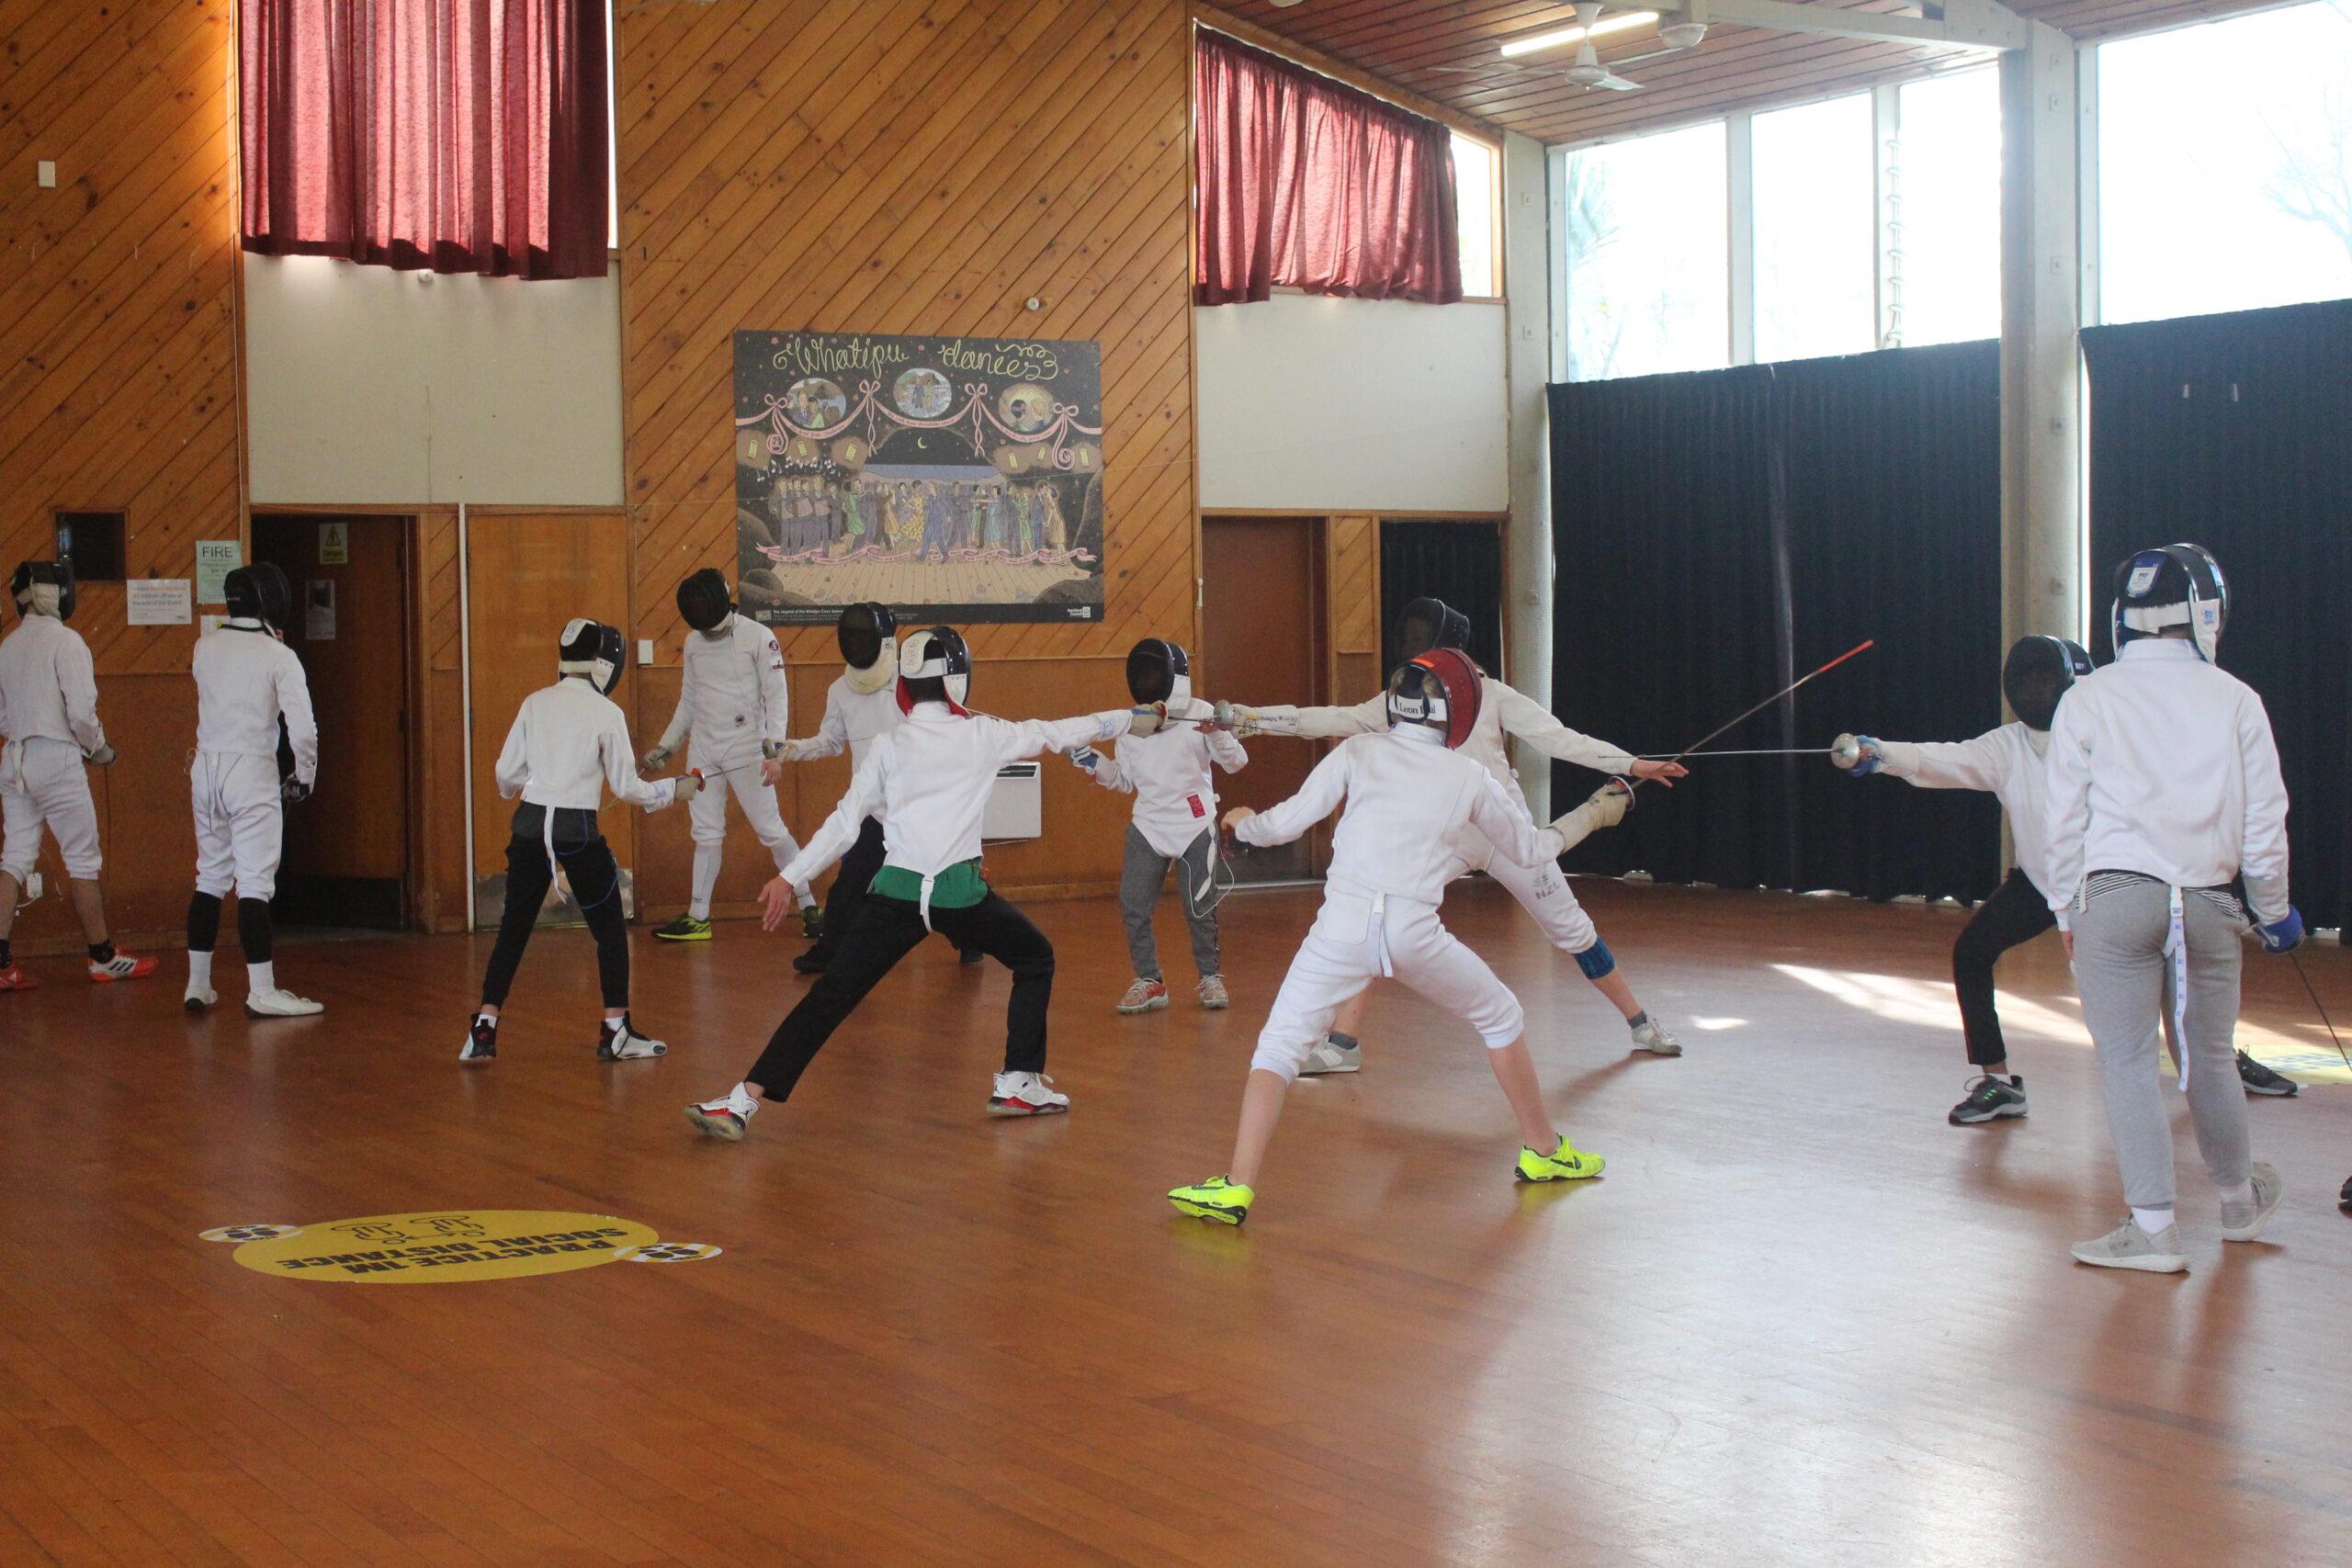 Fencing camp